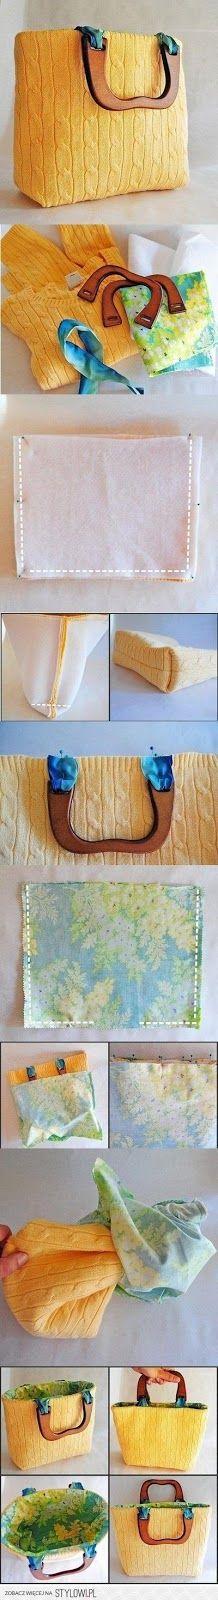 #DIY #FAIDATE #RICICLO Turning a swater in a bag | trasformare un maglione in una borsa